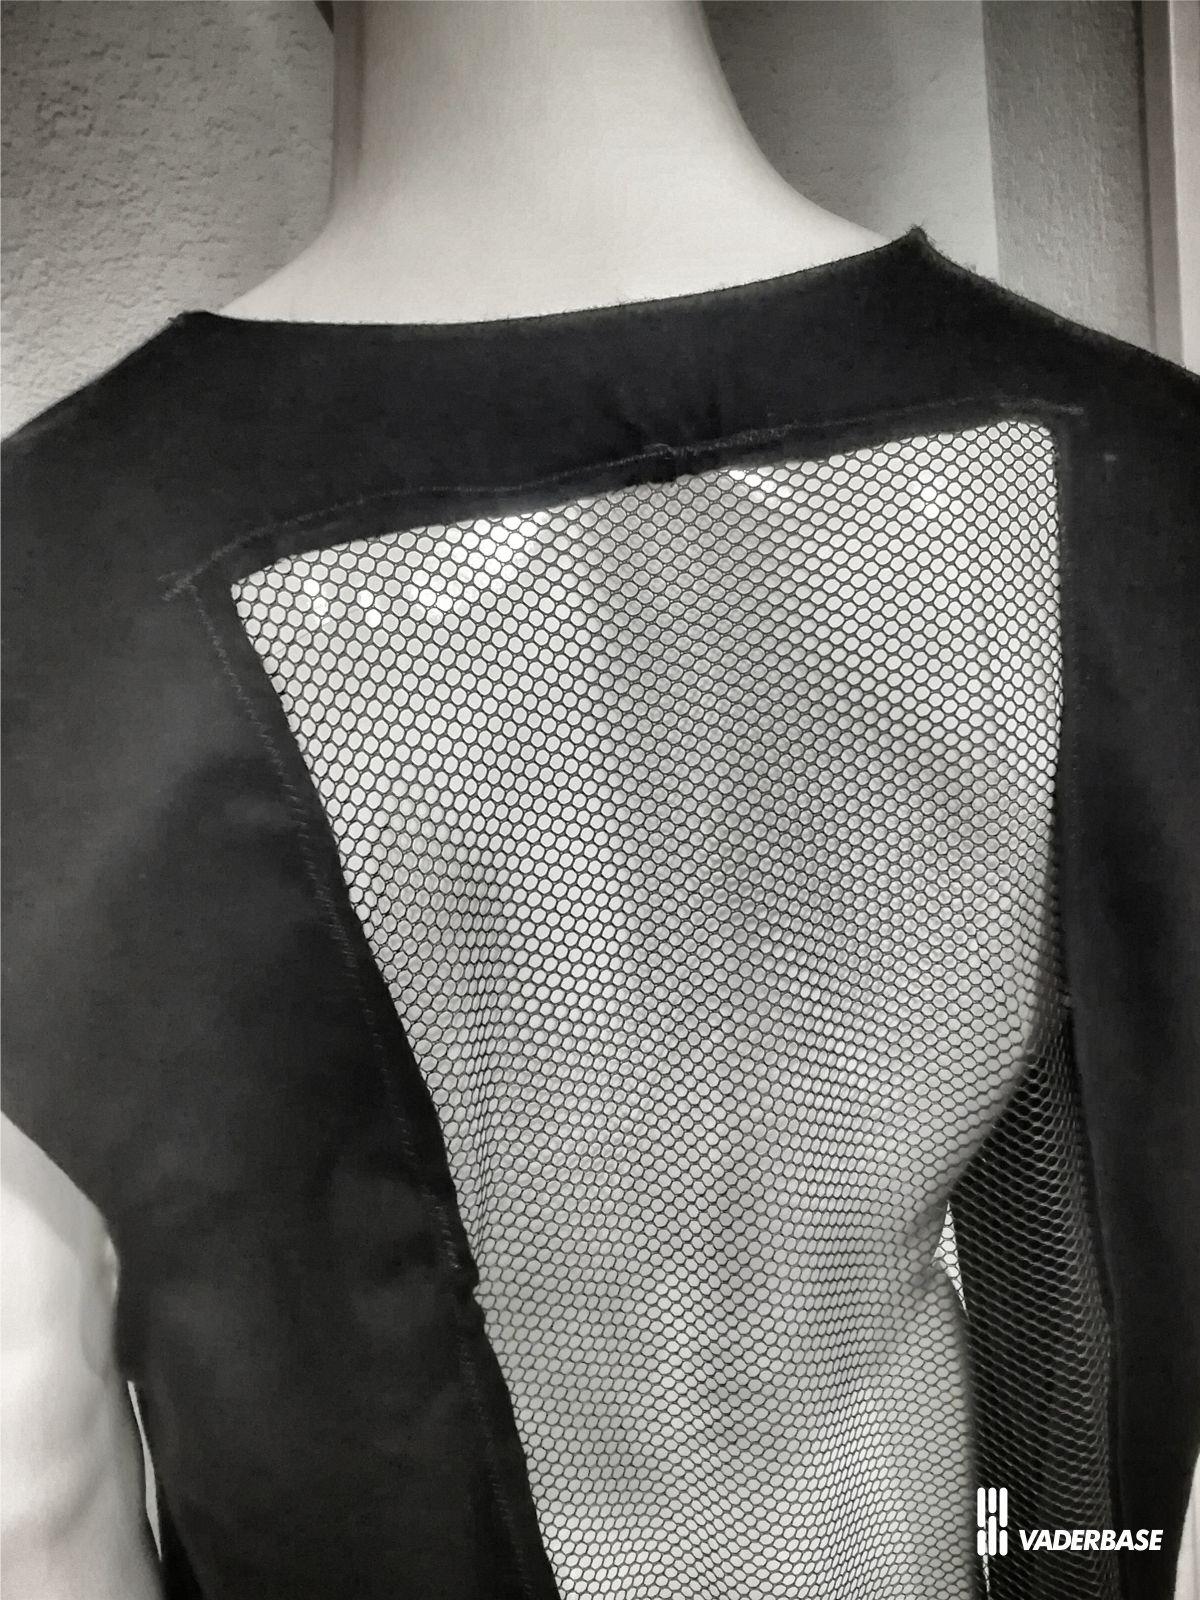 vaderbase.com/Bilder/robe/robe_back_ventilation.jpg